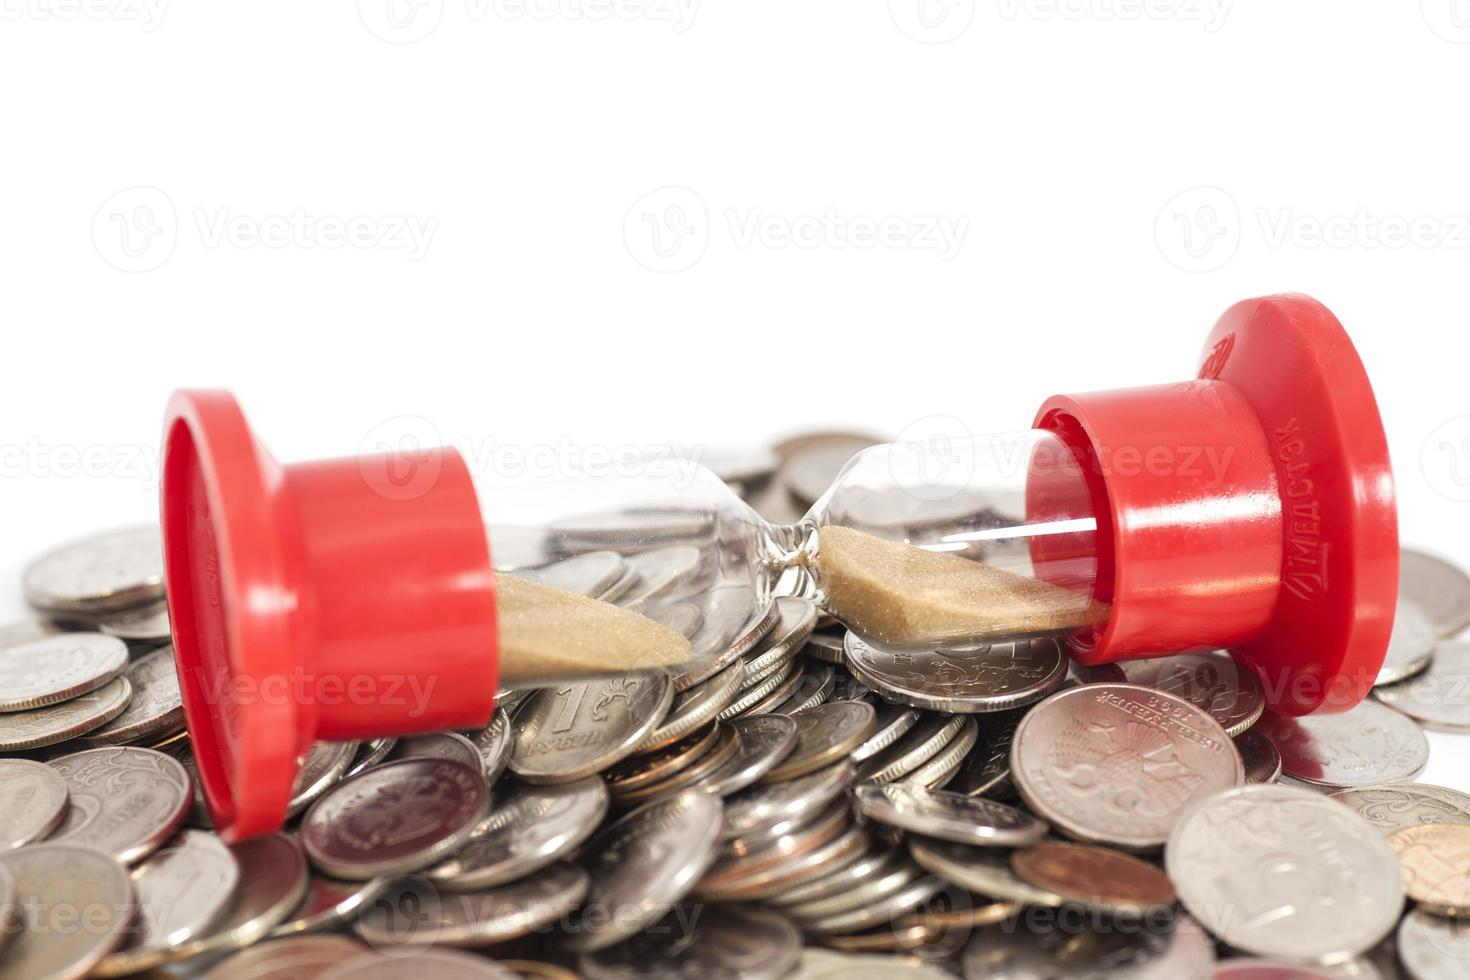 clessidra sulle monete foto